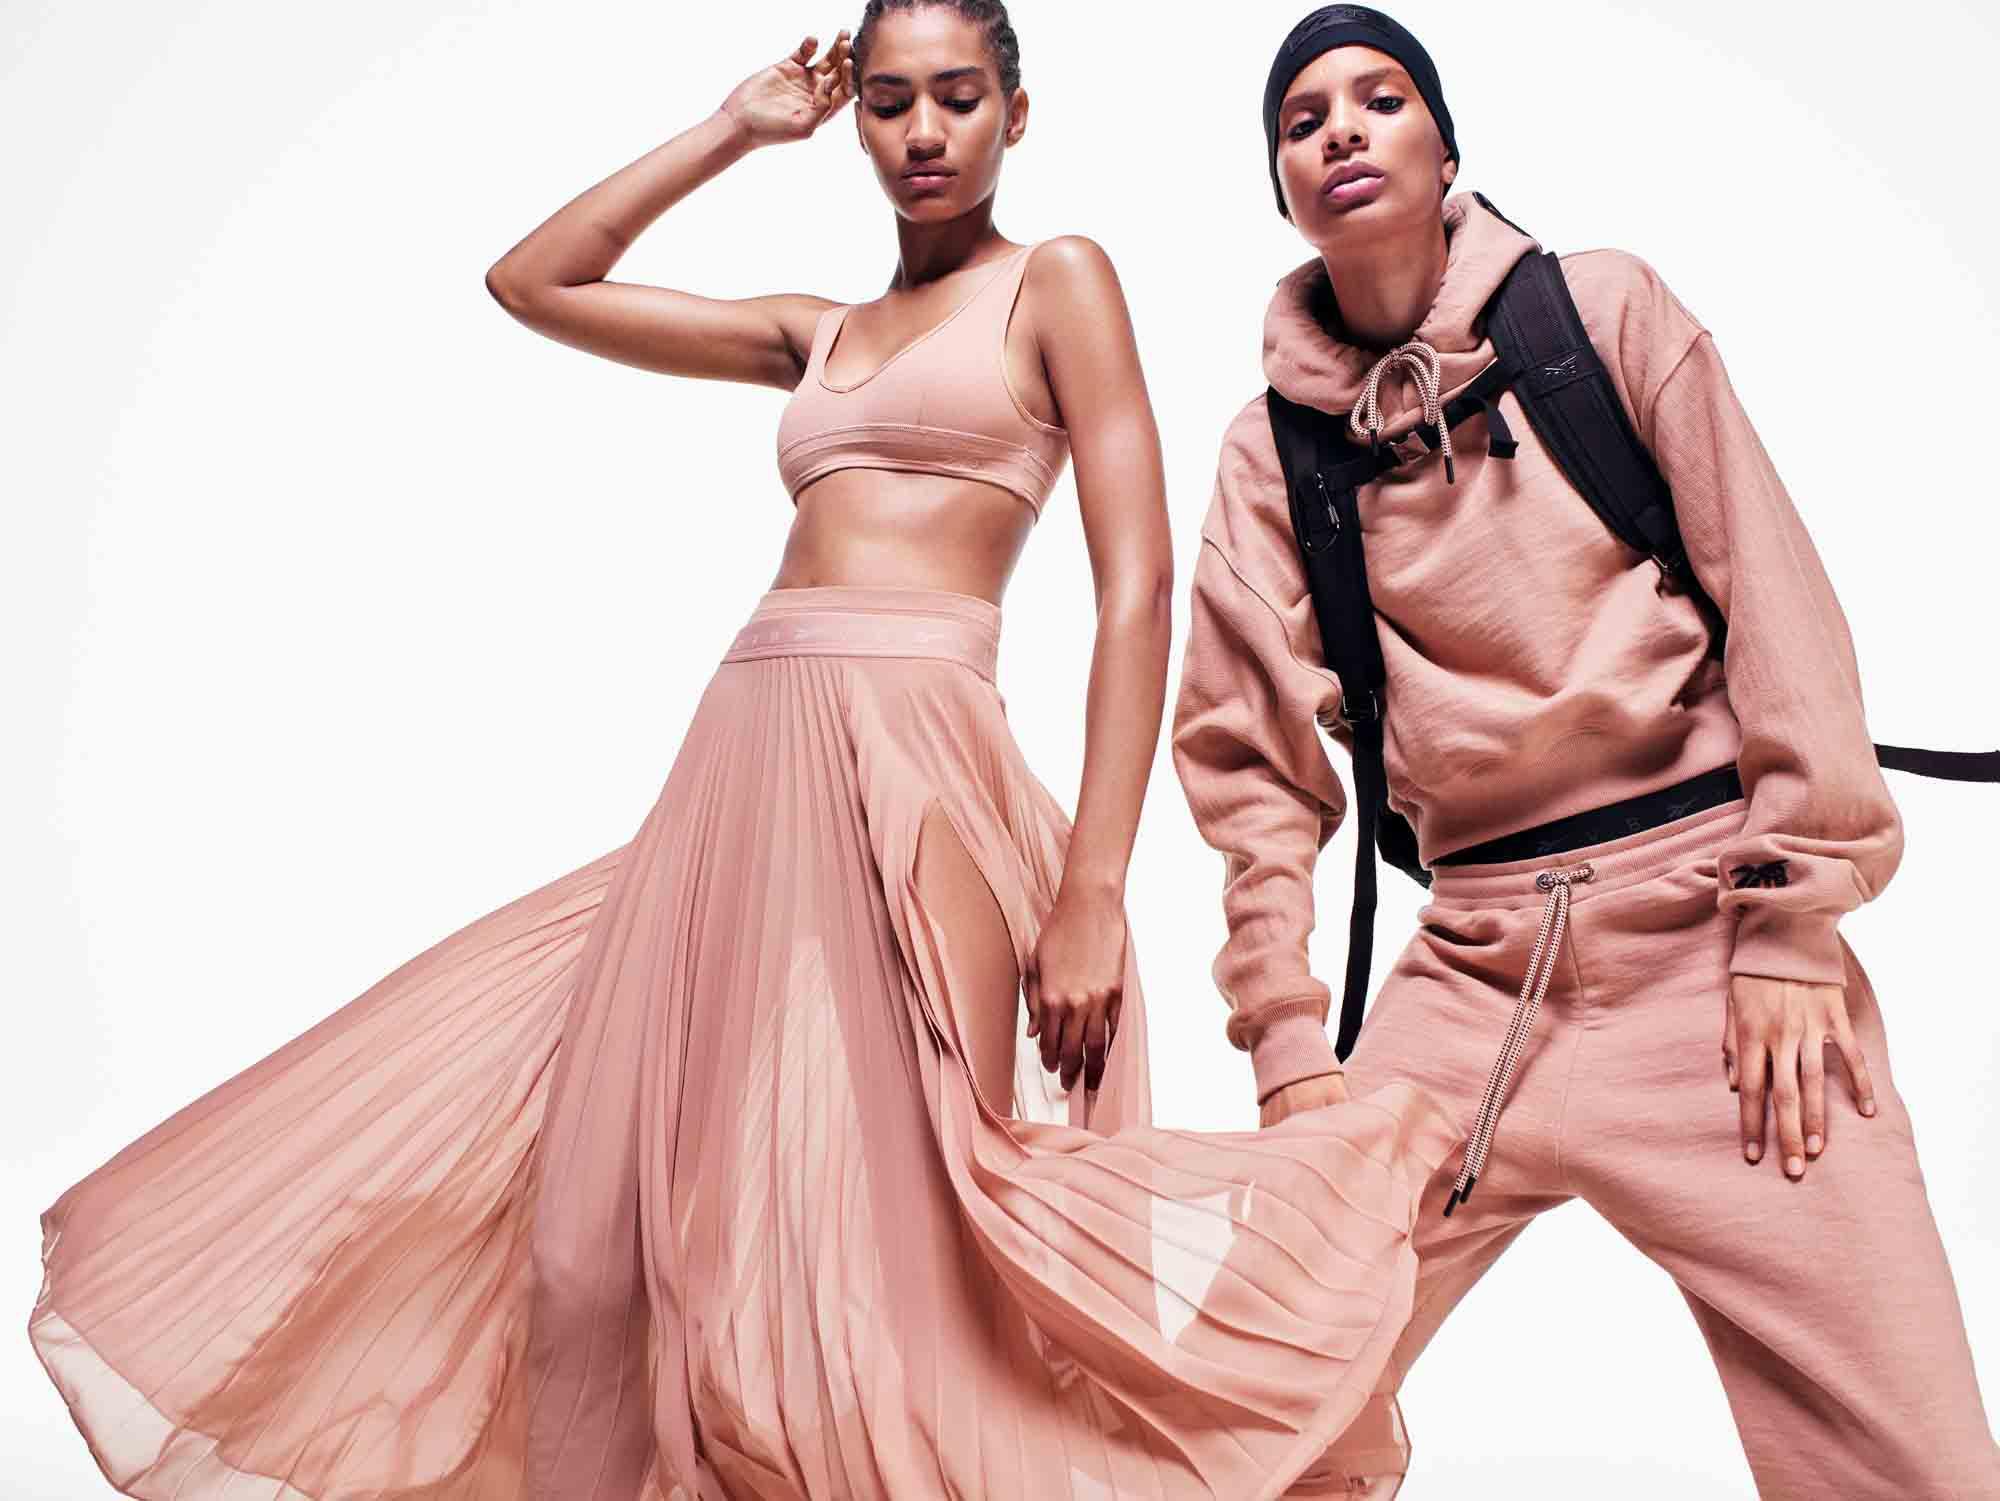 ויקטוריה בקהאם ו REEBOK - מגזין אופנה - Fashion Israel - אופנה 2021